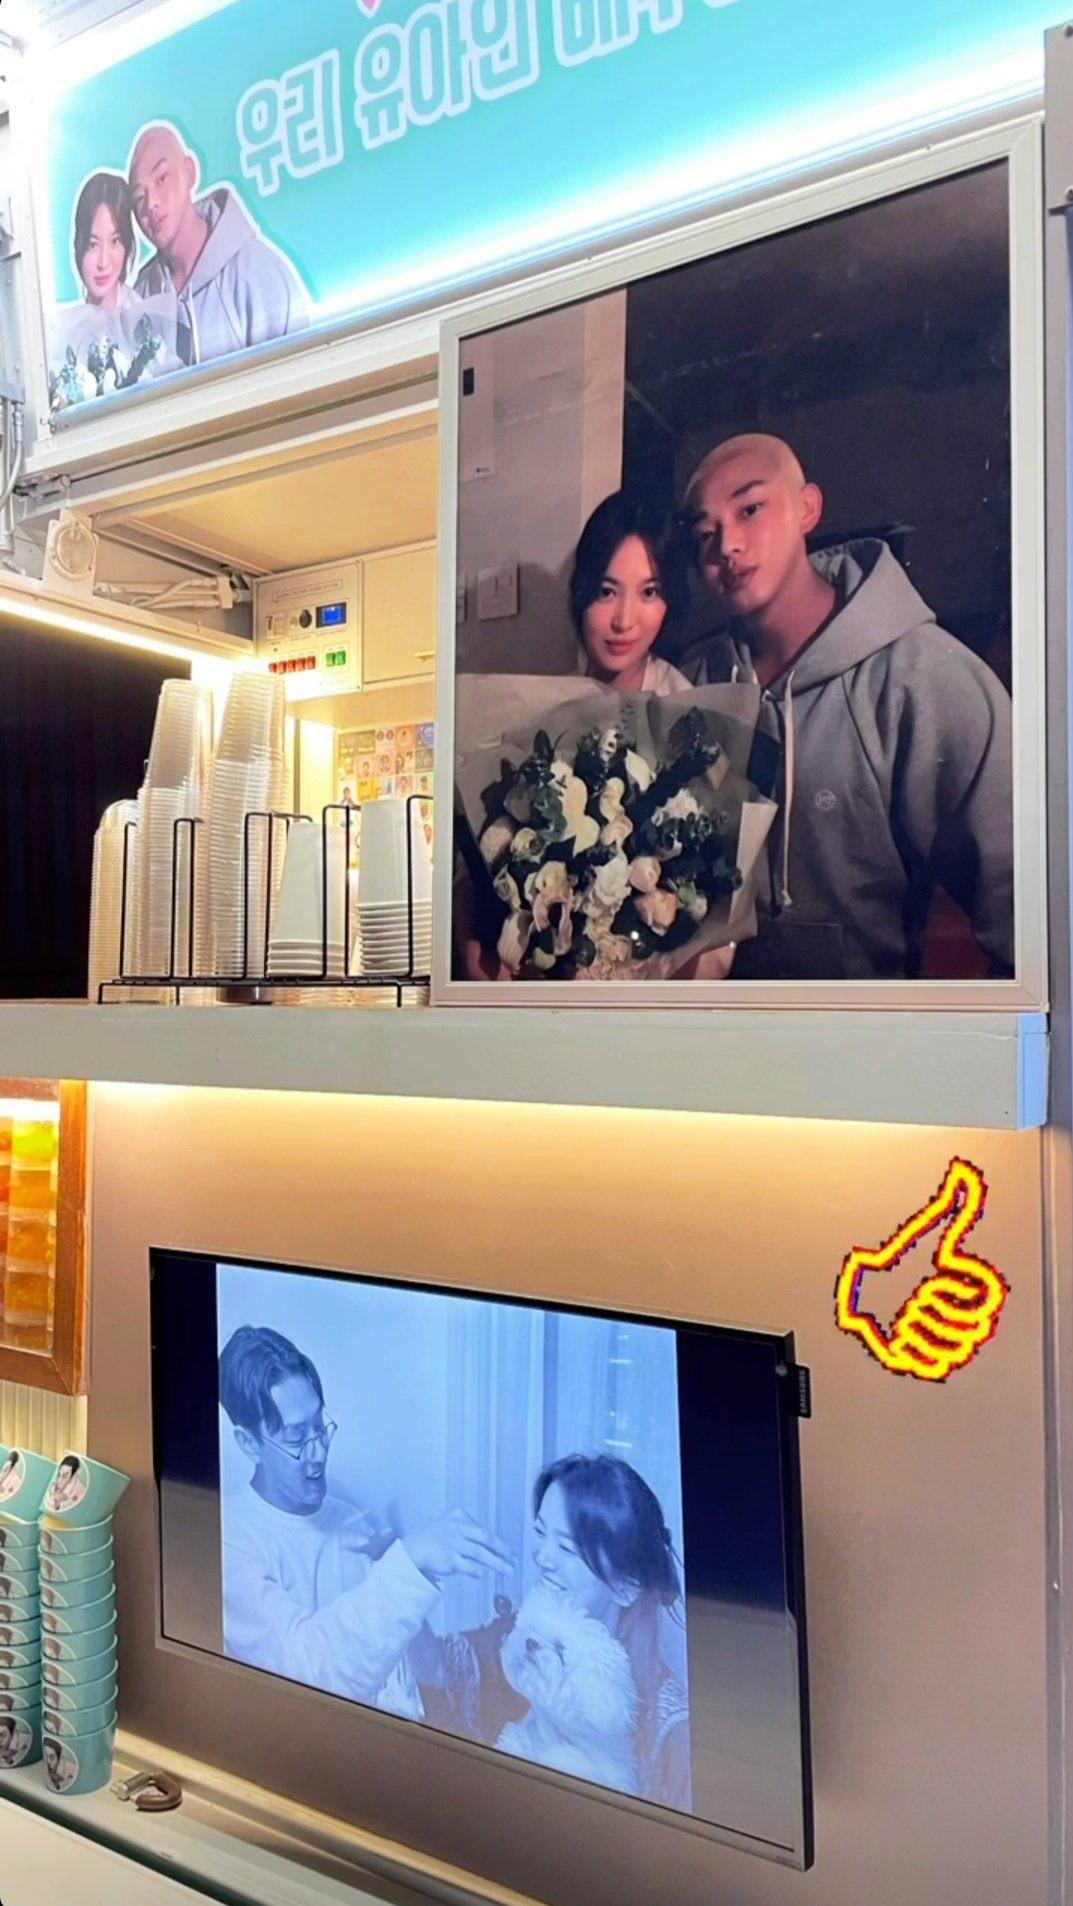 Đúng sinh nhật Song Joong Ki, Song Hye Kyo bất ngờ có động thái cực vui vẻ và tình cảm với nhân vật đặc biệt này - Ảnh 6.